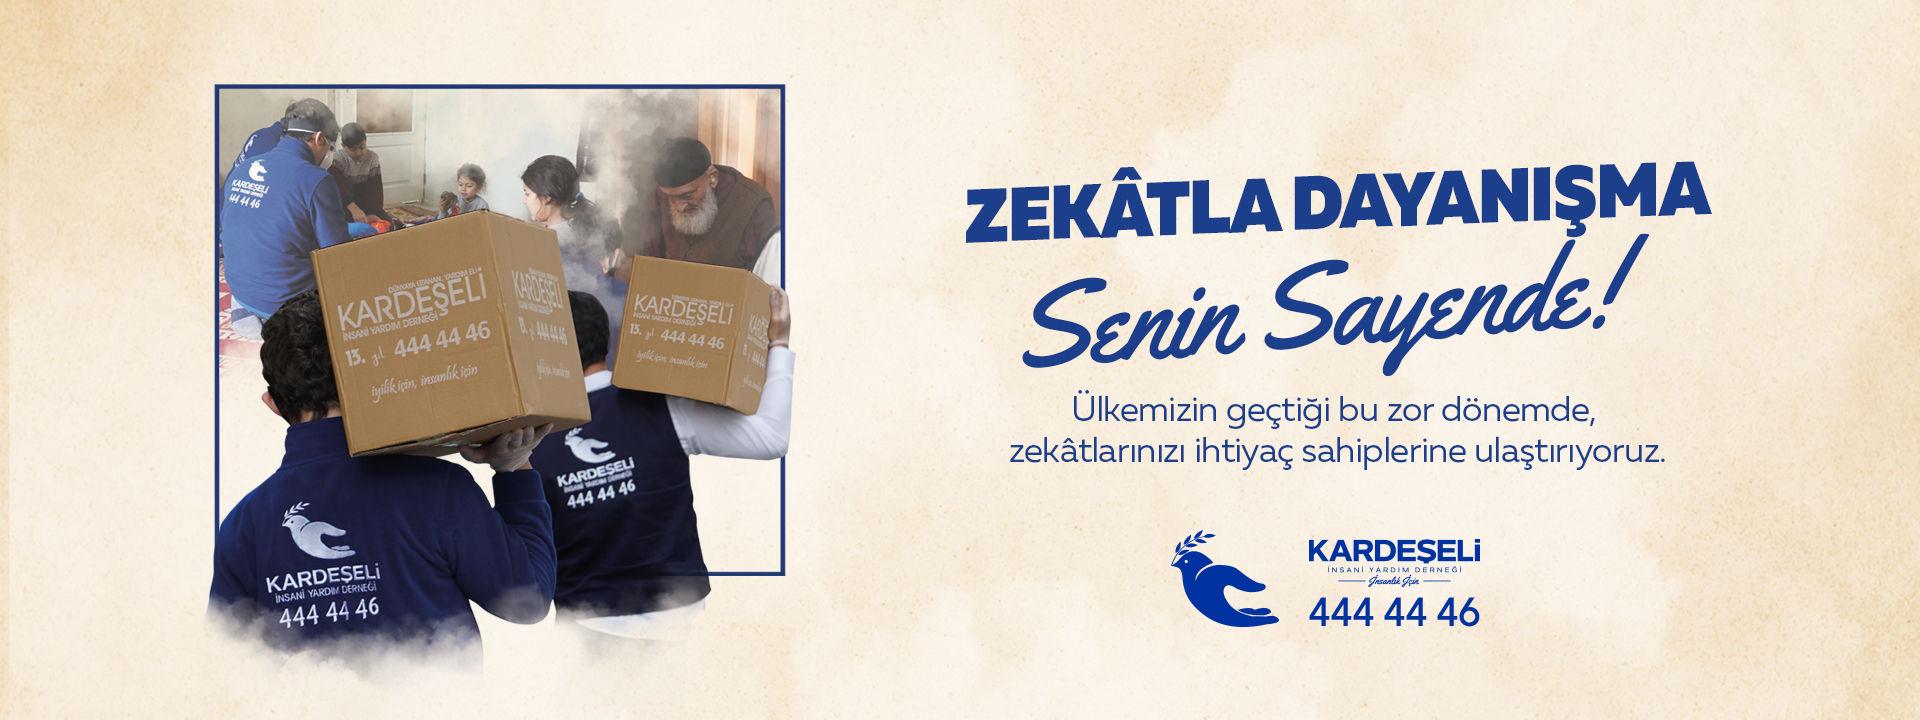 Zekat-kardeşeliSite-1920x720.jpg